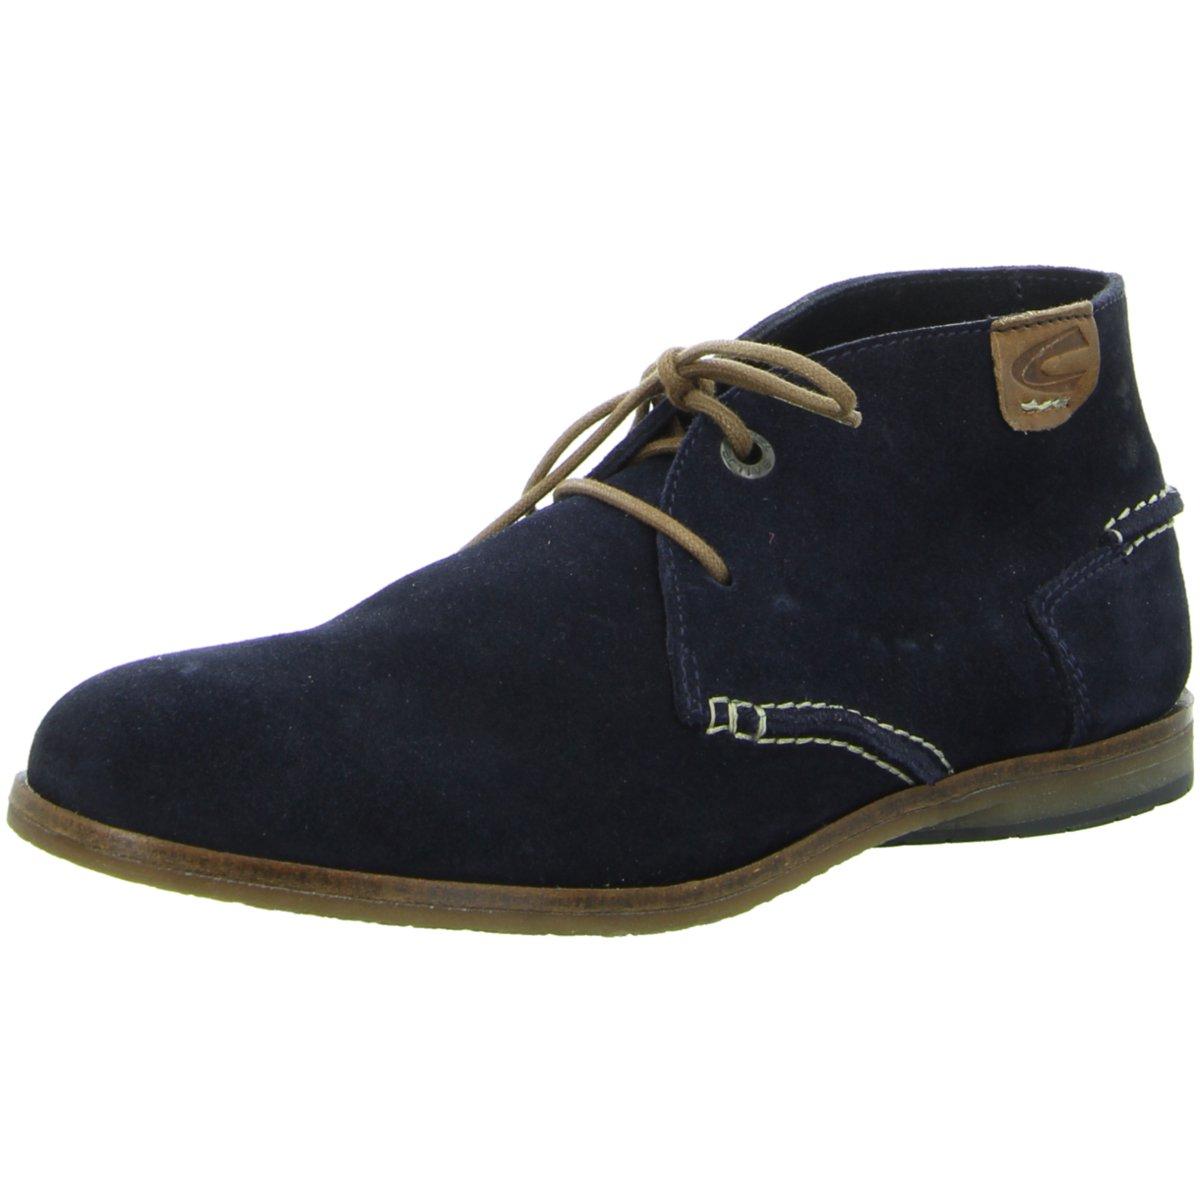 Camel active Herren Stiefel 369.11.01 blau 18574